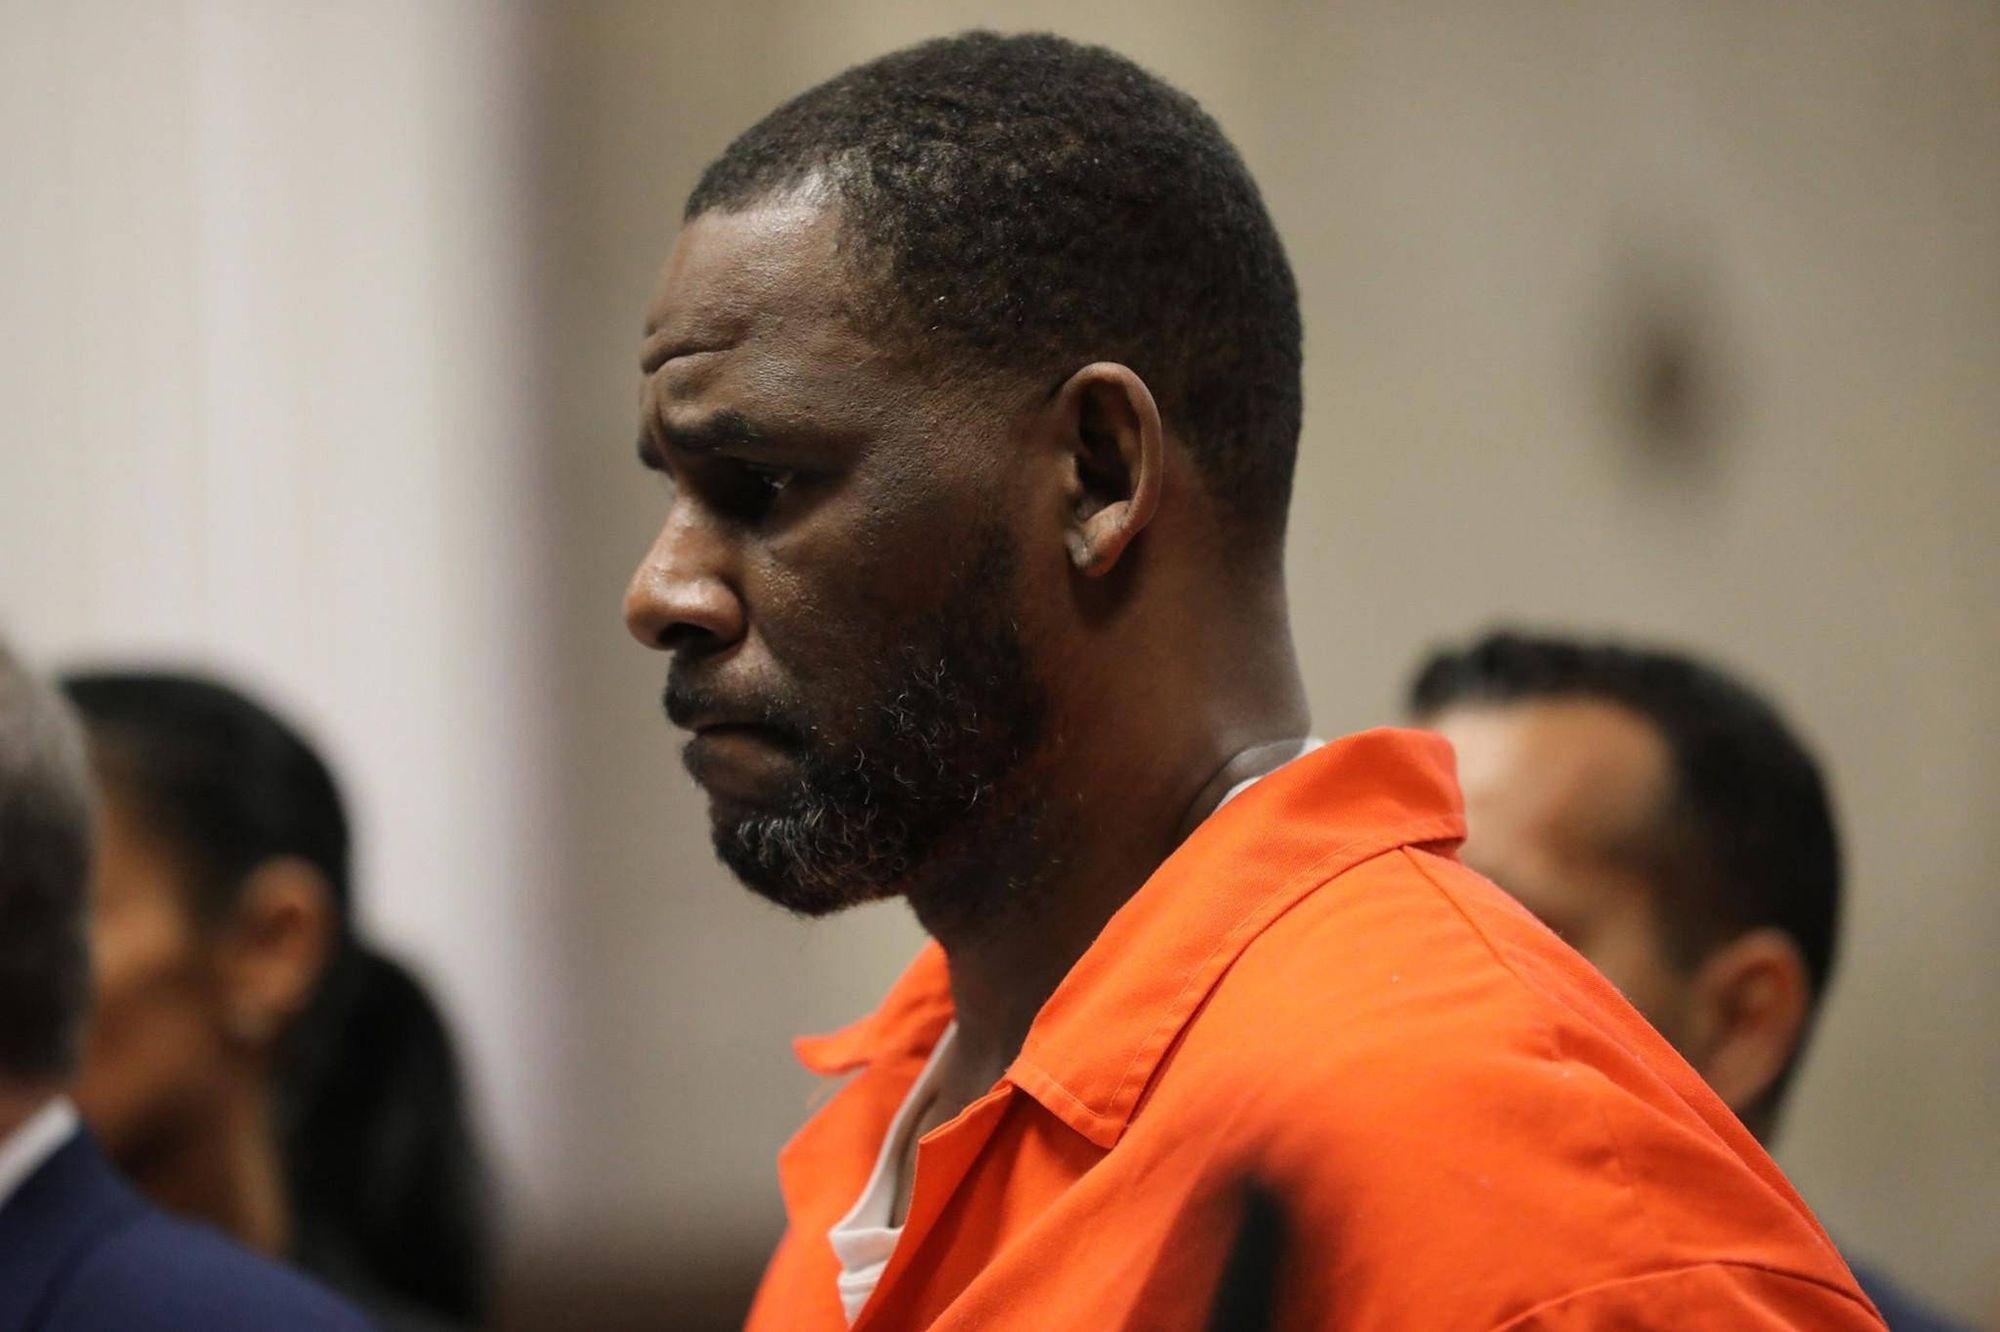 la star du R&B R. Kelly, emprisonné dans l'attente de son procès